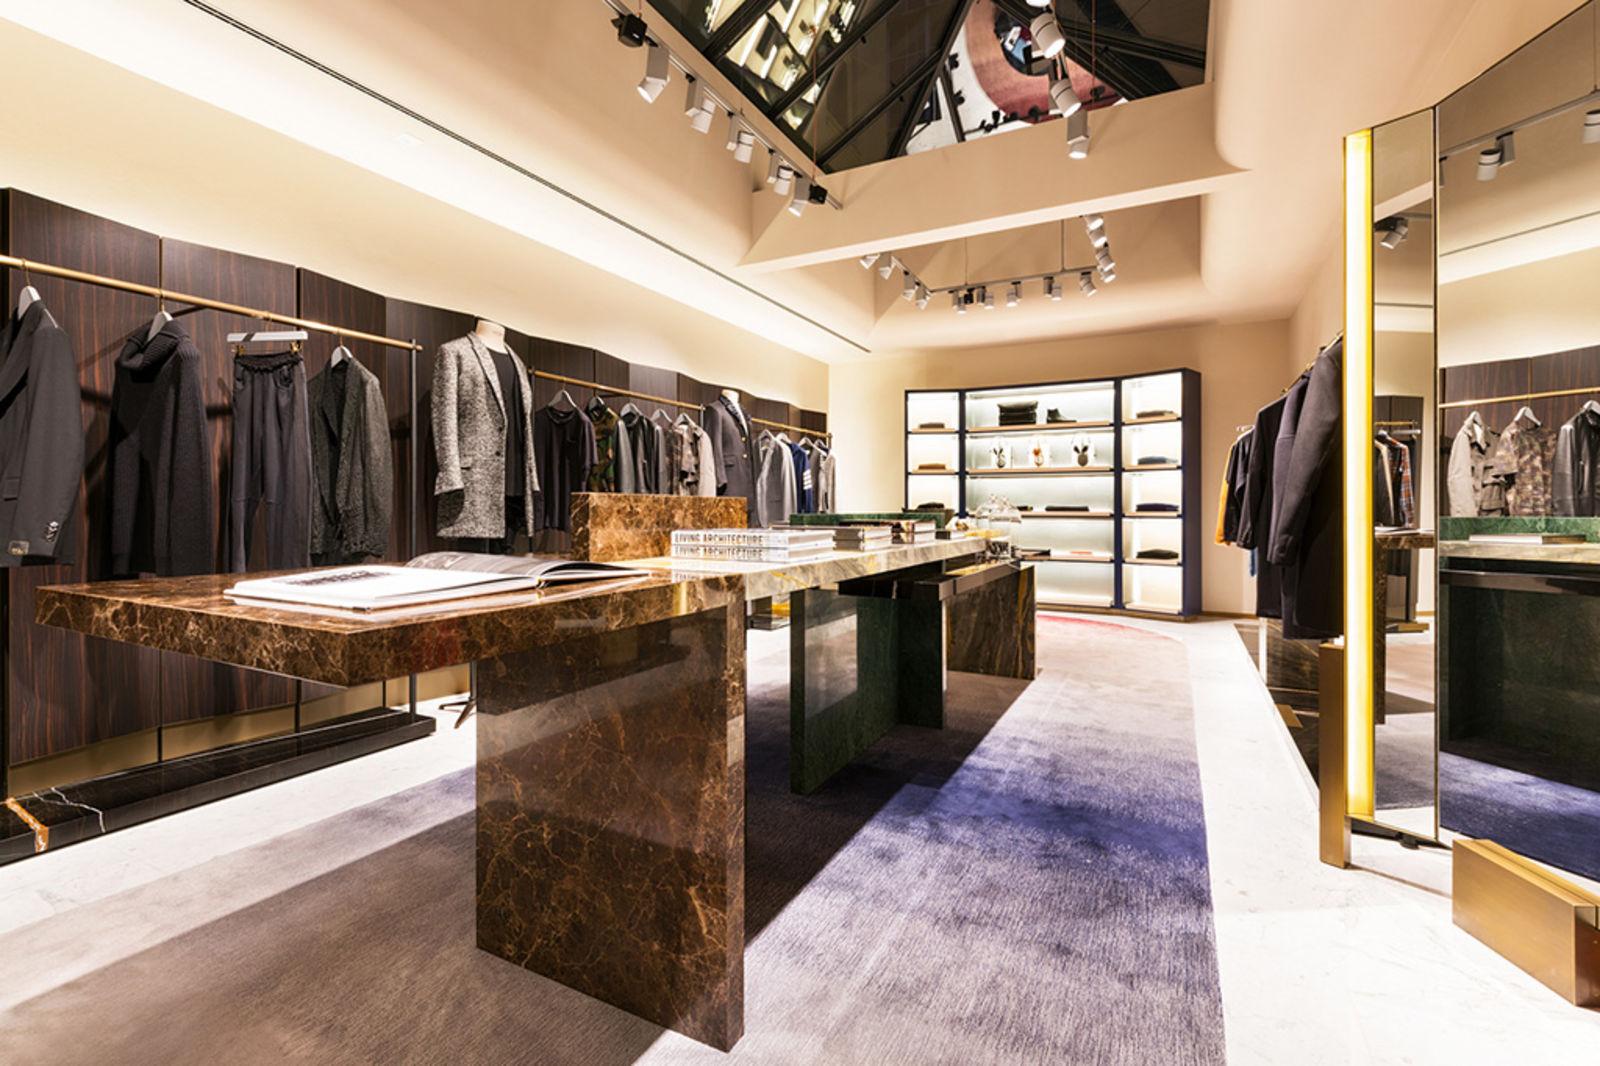 APROPOPS The Concept Store in Hamburg (Bild 2)